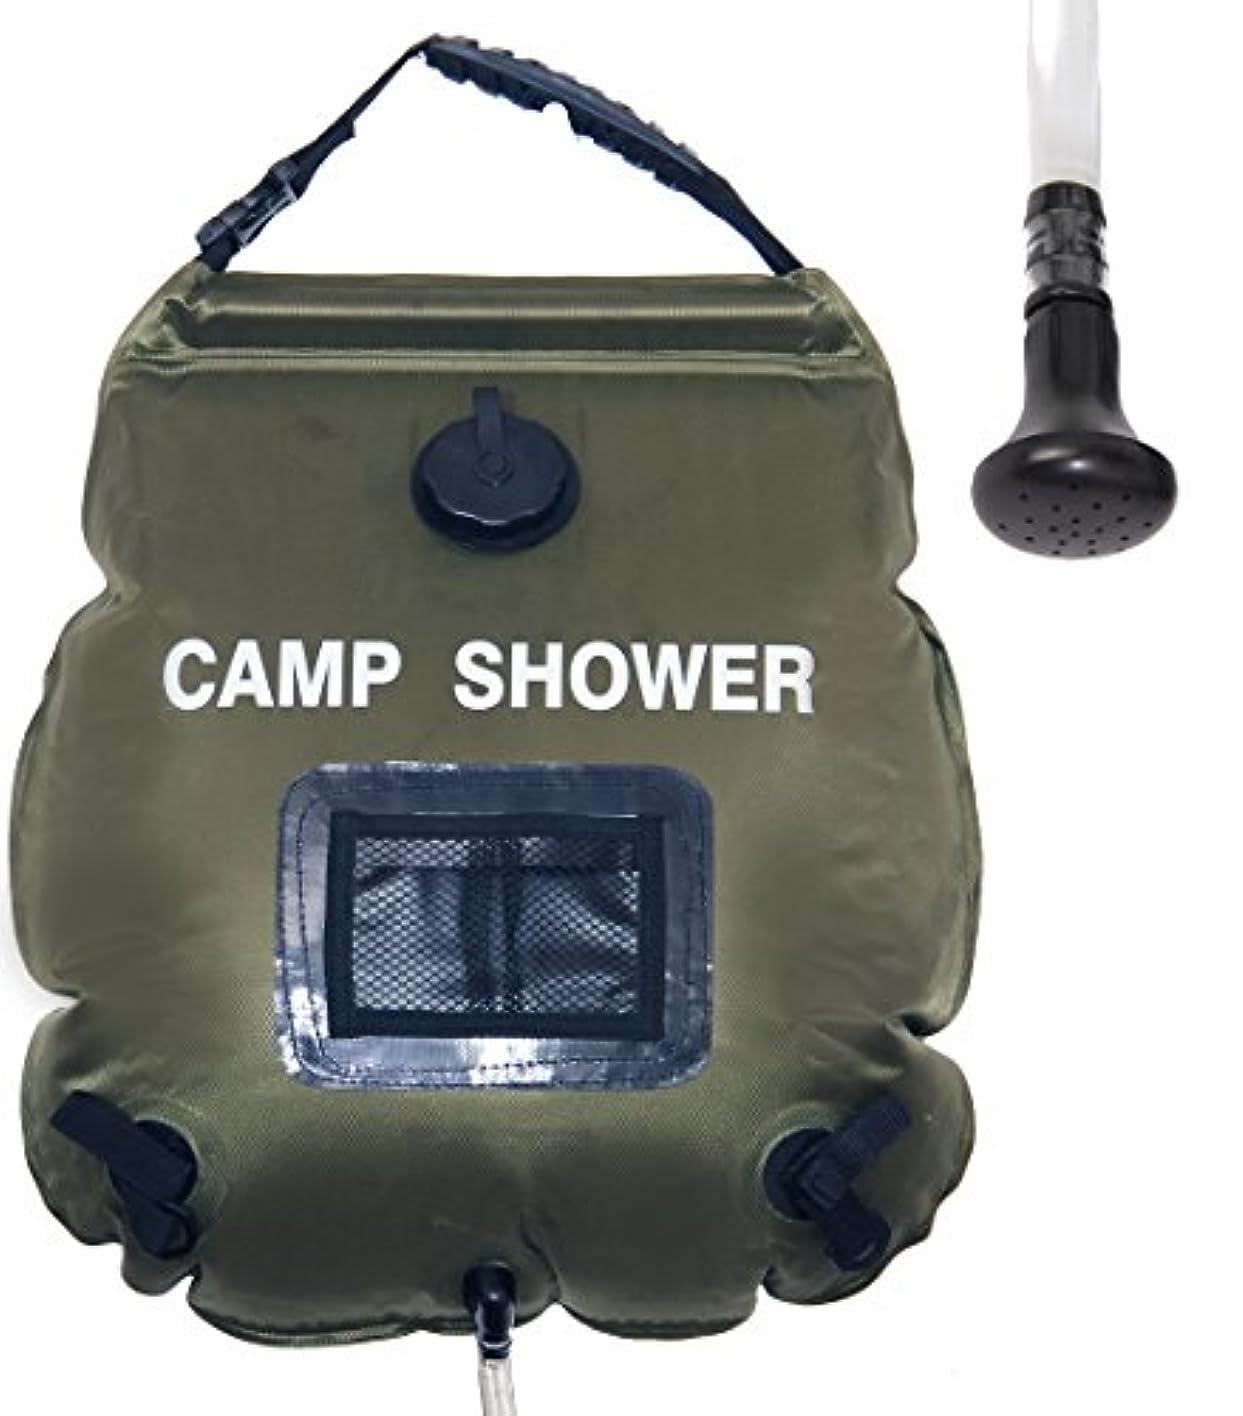 兄弟愛蒸発する体細胞ポータブルソーラーキャンプシャワーエコフレンドリー快適グリップハンドル、取り外し可能なホースとオン|オフ切り替え可能なシャワーヘッド